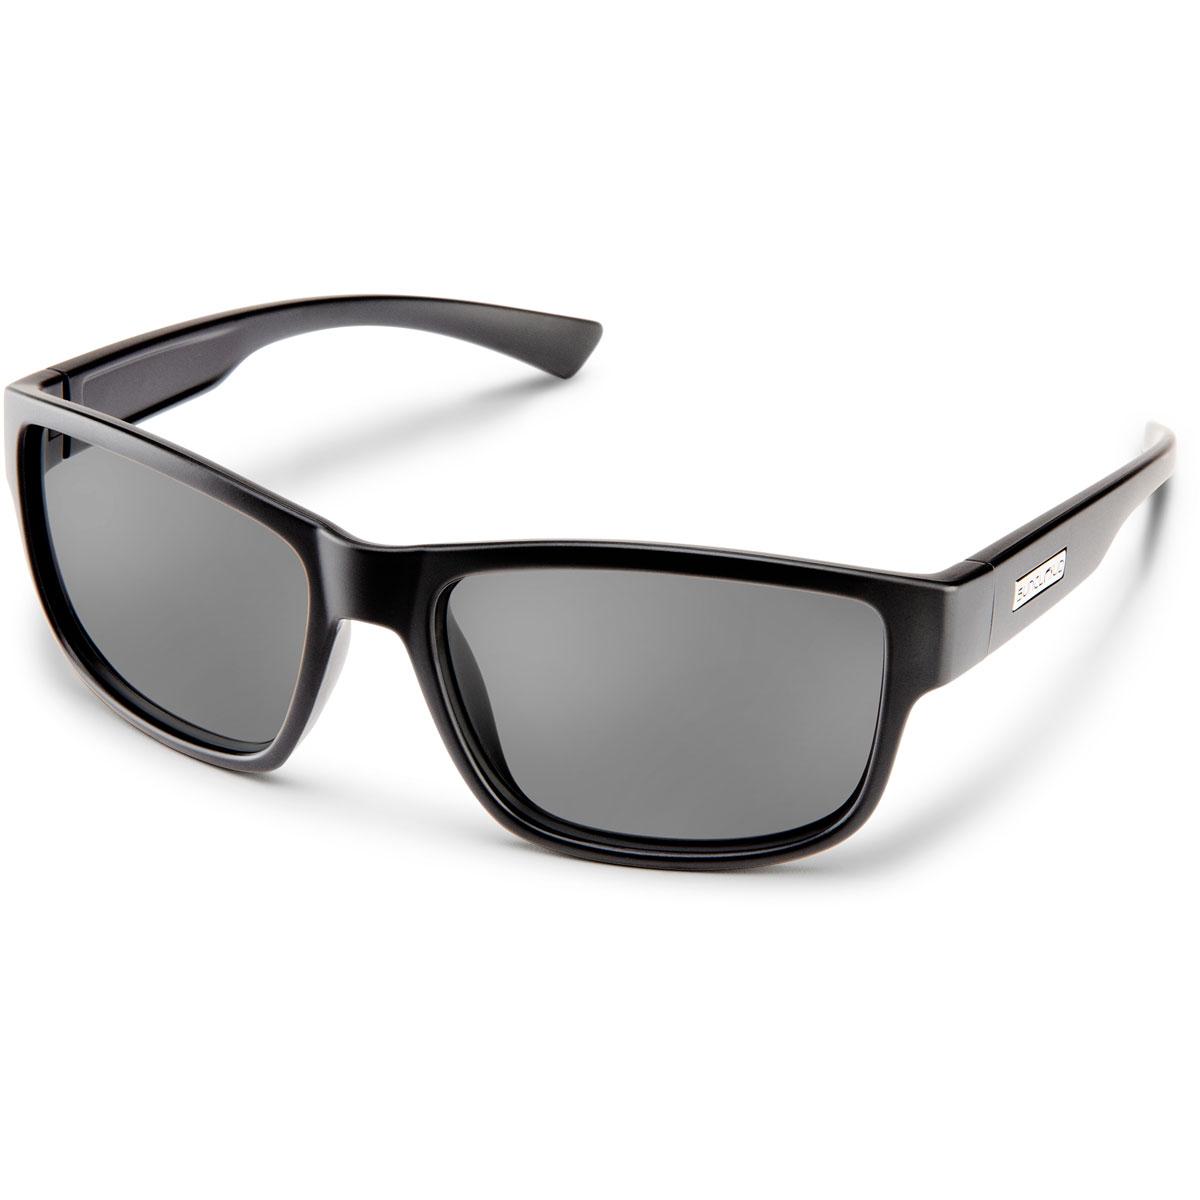 Suncloud Suspect Polarized Sunglasses - Color: Black - Grey Lens, Black - Grey Lens, large, image 1